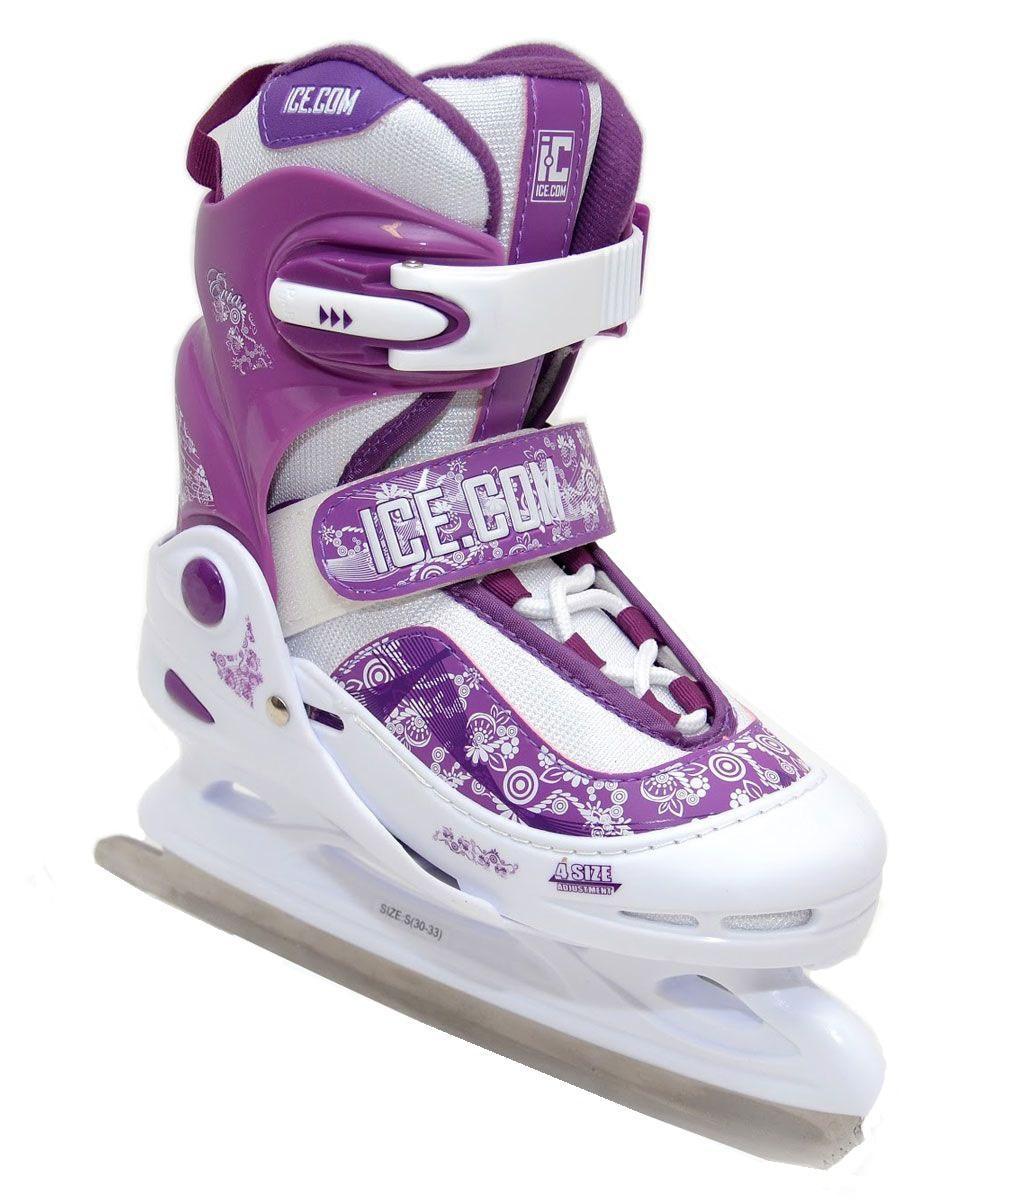 Ice.Com Evia 2013-2014 - ICE.COMIce.Com Evia 2013-2014 White-PurpleБотинок COMFORTABLE FIT очень хорошо держит ногу и при этом, позволит чувствовать удобство во время катания. Стальное фигурное лезвие обеспечит превосходное скольжение. Четкую фиксацию голени обеспечивают шнуровка Quick Lace, застежка на липучке Velcro, застежка с фиксатором Power Strap. Подошва - морозостойкий ПВХ. Теперь вам не придется покупать ребенку новые коньки каждый год, - предусматривается возможность изменения длины ботинка на 4 размера. Для того, чтобы Вам максимально точно подобрать размер коньков, узнайте длину стопы с точностью до миллиметра. Для этого поставьте босую ногу на лист бумаги А4 и отметьте на бумаге самые крайние точки Вашей стопы (пятка и носок). Затем измерьте обычной линейкой расстояние (до миллиметра) между этими отметками на бумаге. Не забудьте учесть 2-3 мм запаса под носок.